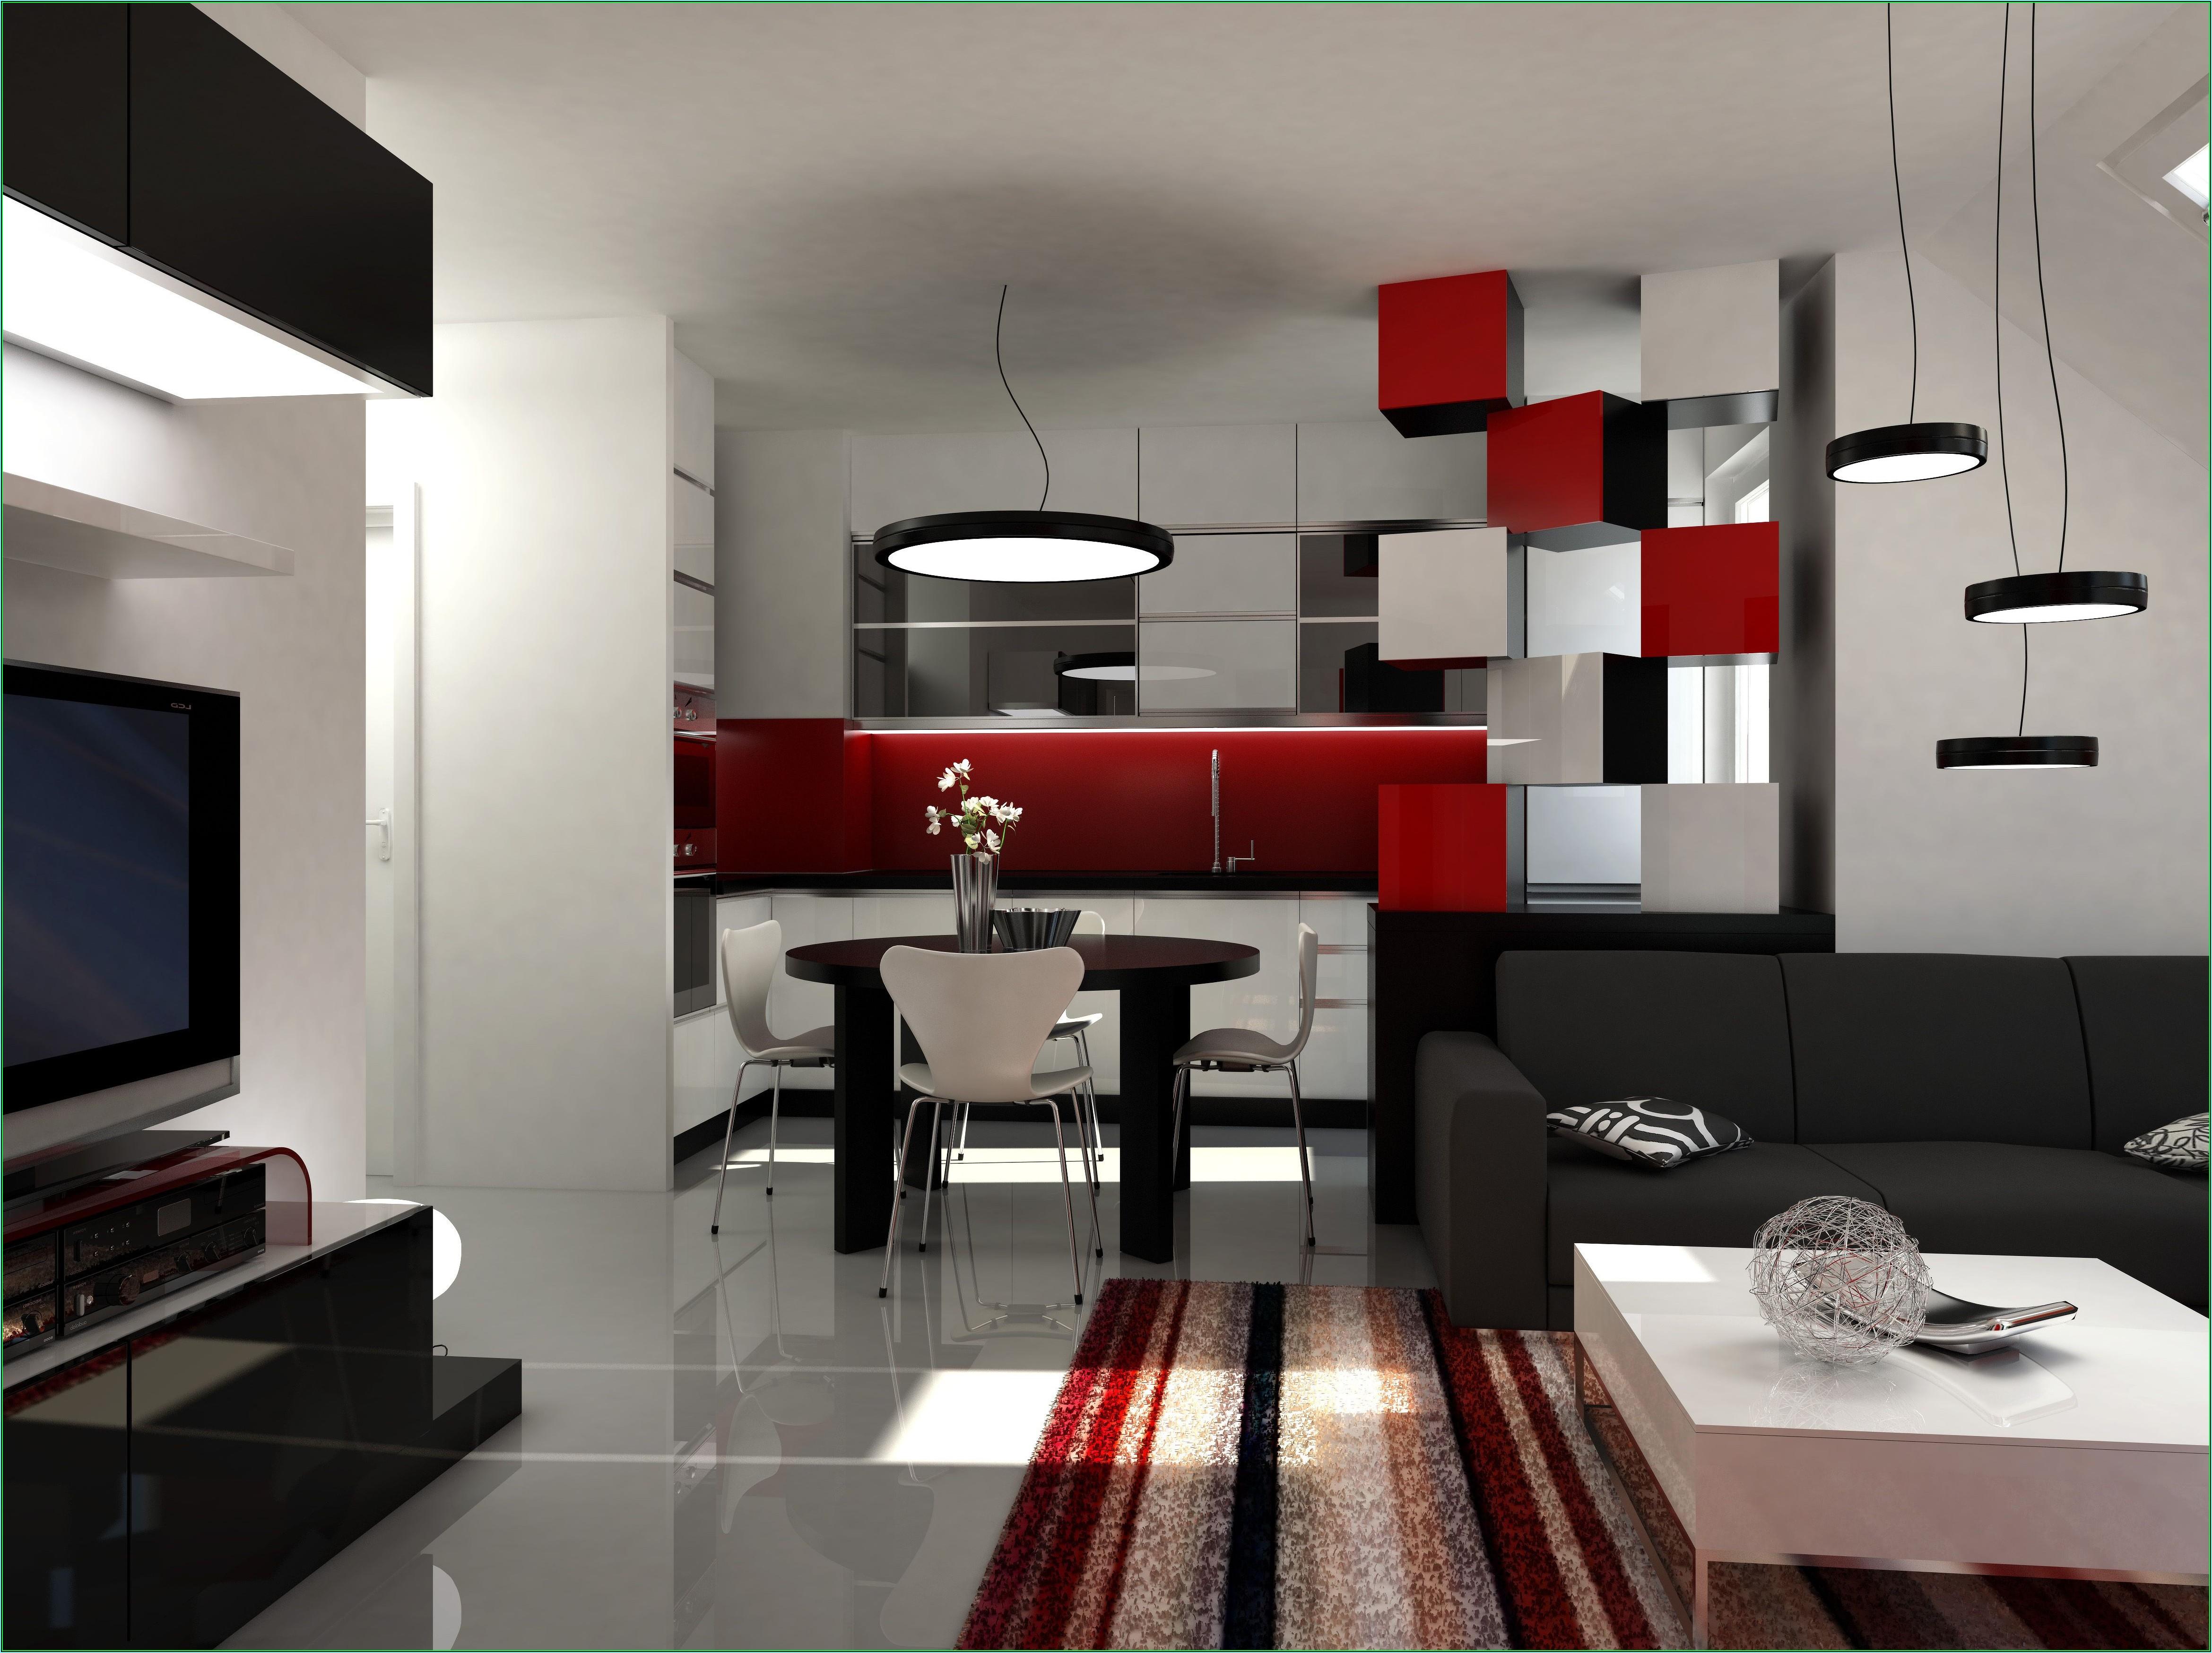 Wohnzimmer Dekoration Rot